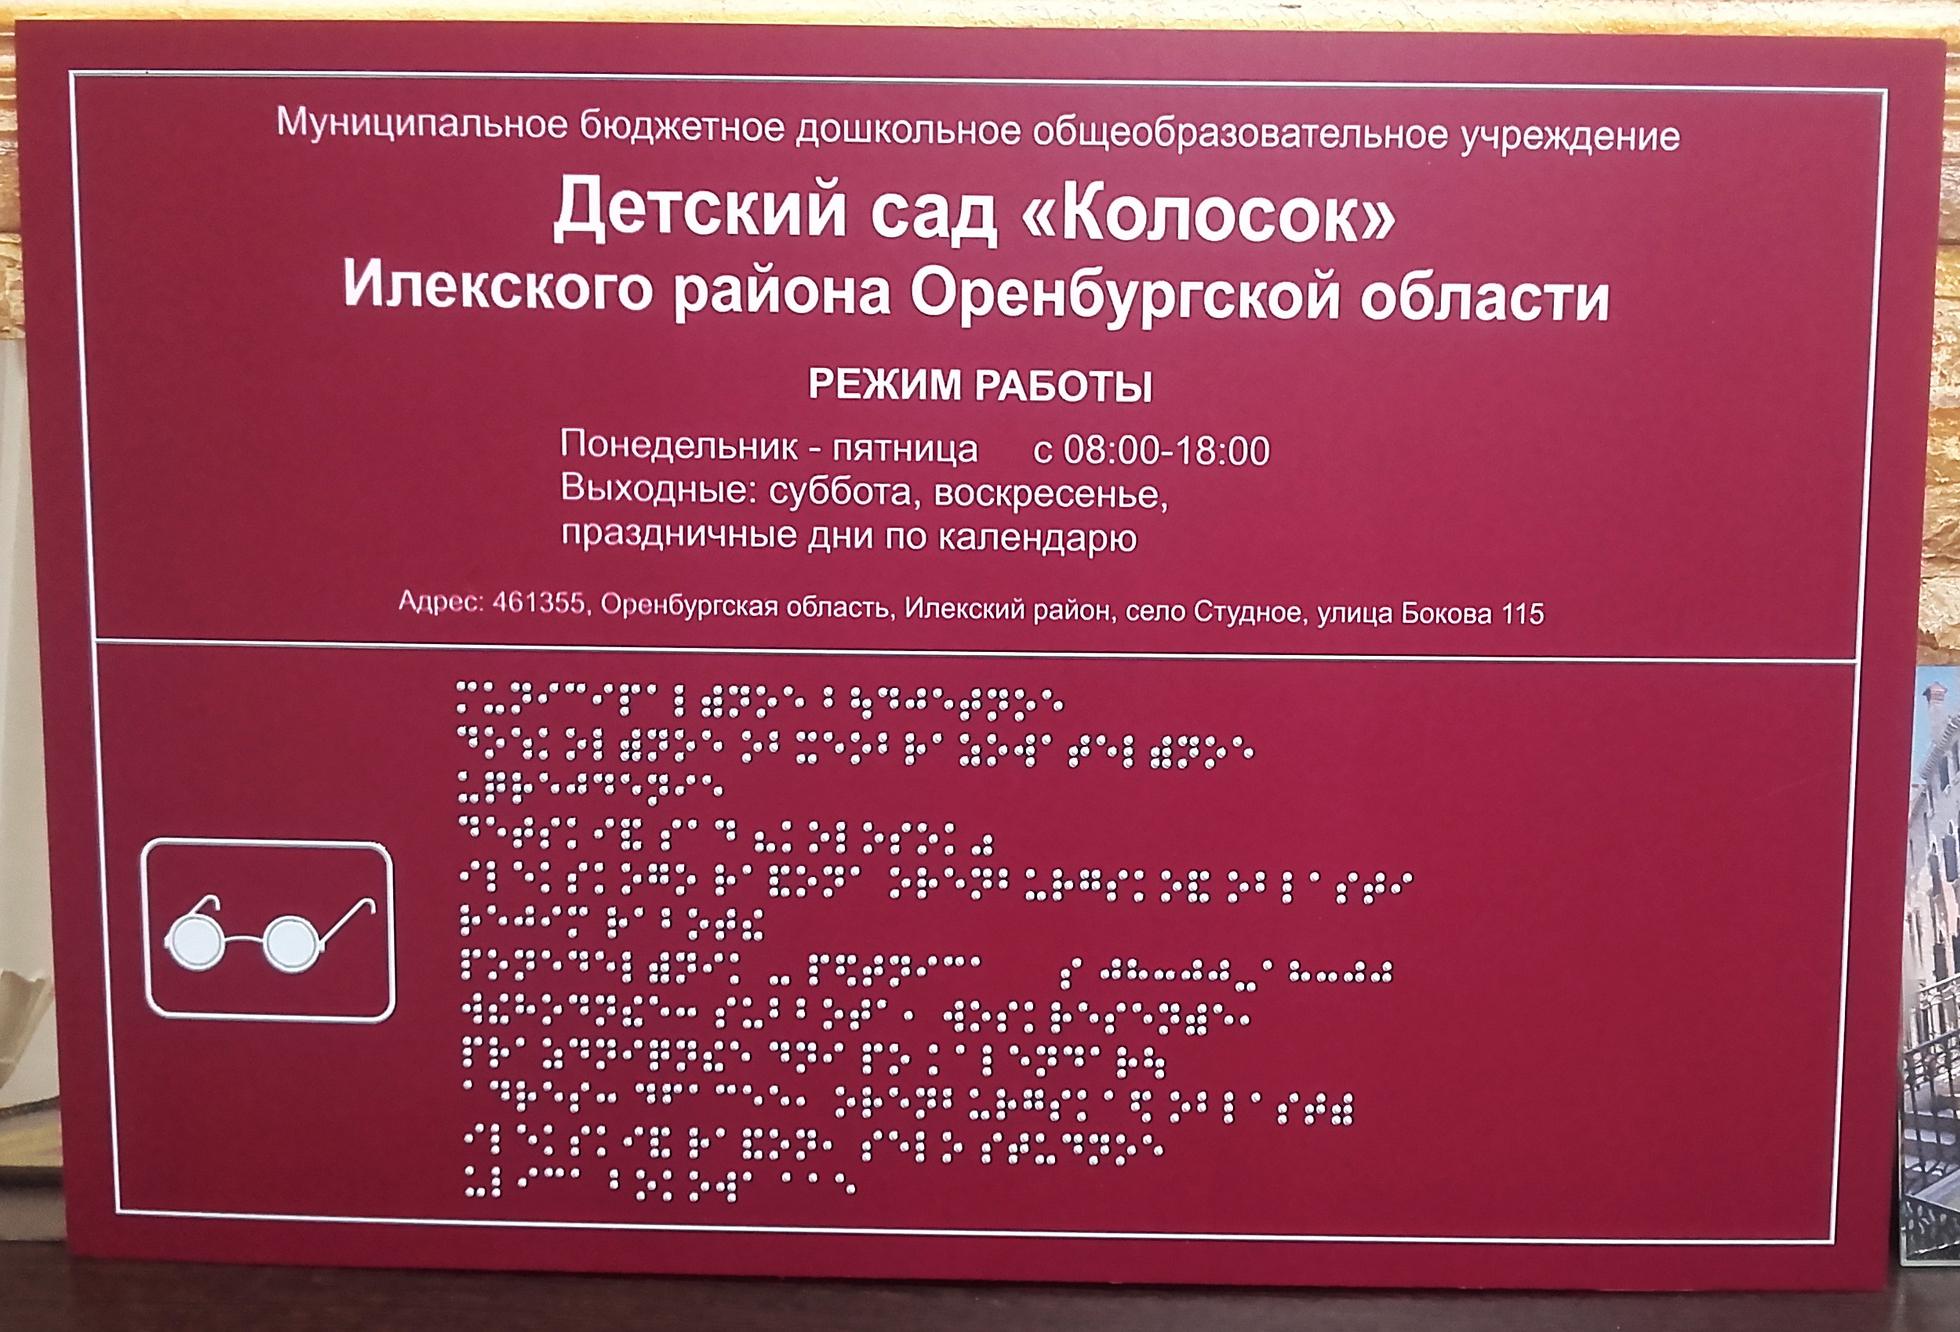 Тактильные таблички, мнемосхемы и пиктограммы